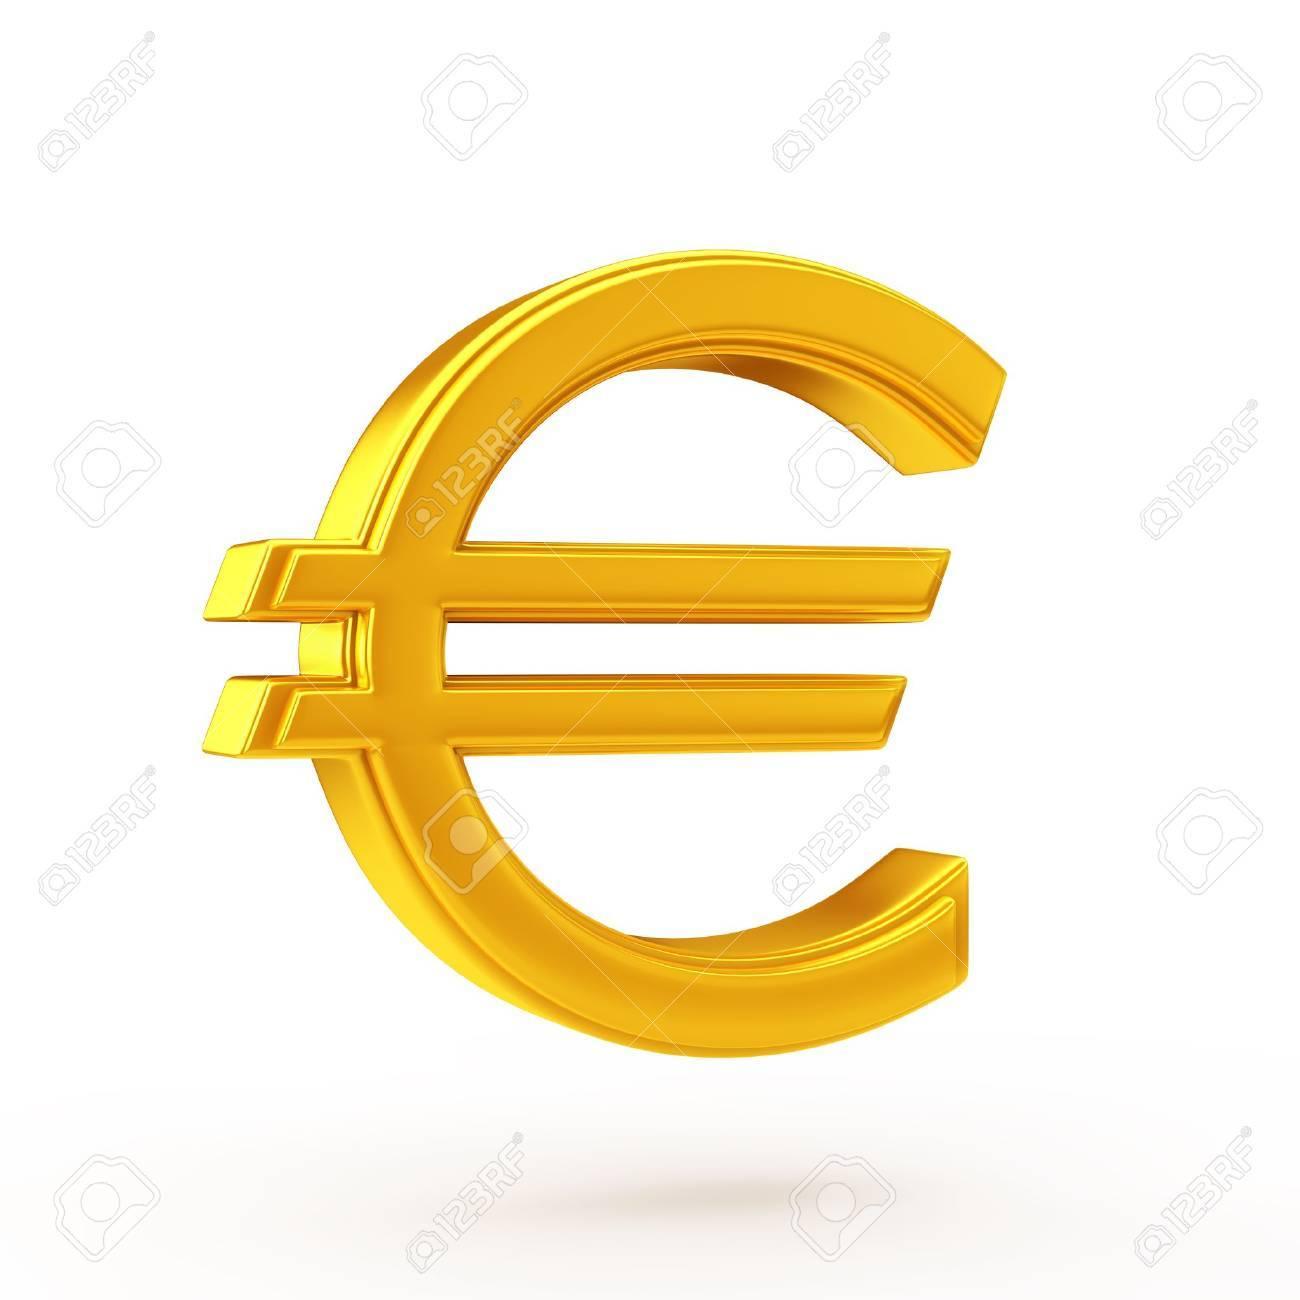 Euro ženklas. Trys metodai kaip jį rašyti